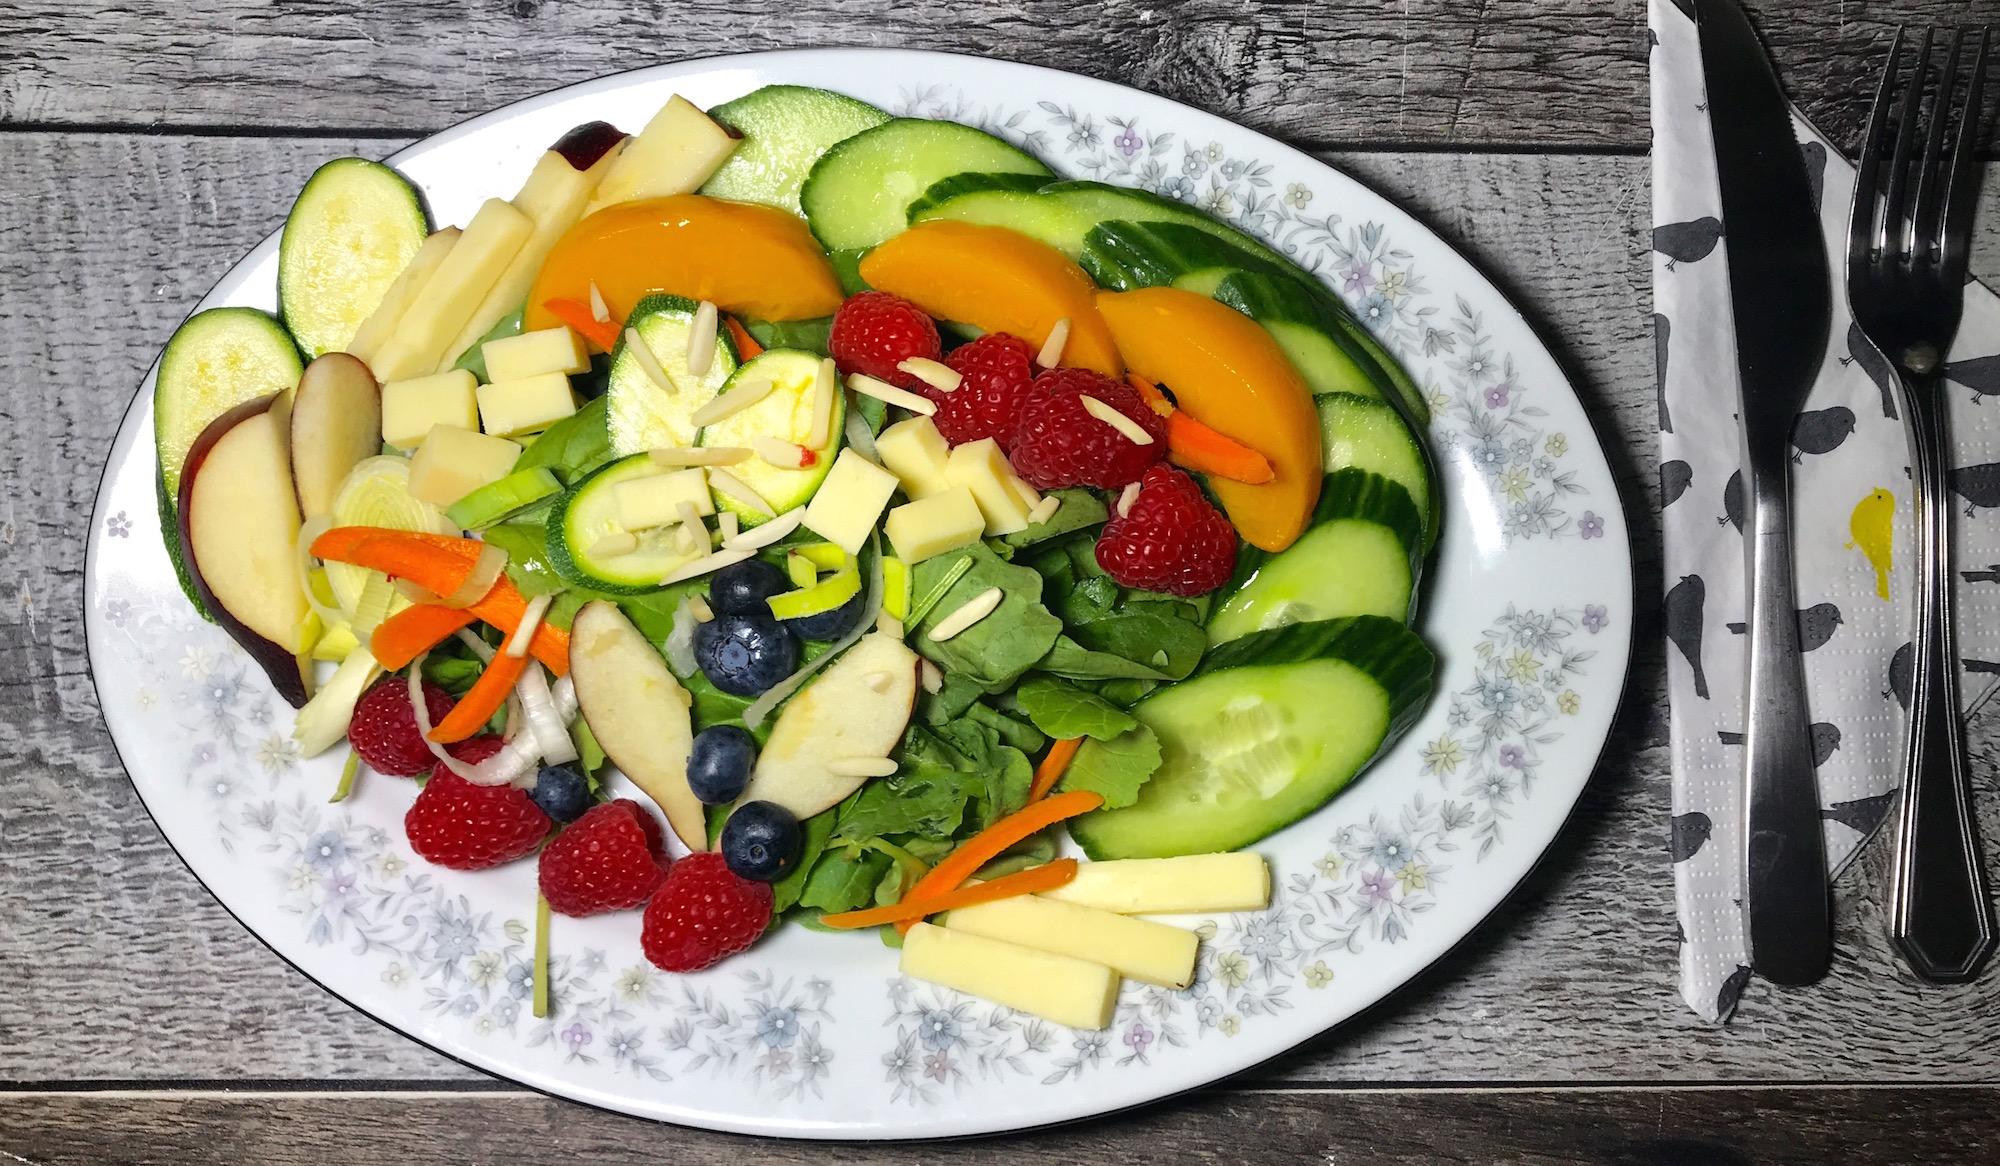 Salade Rafraichissante aux Fruits et Légumes